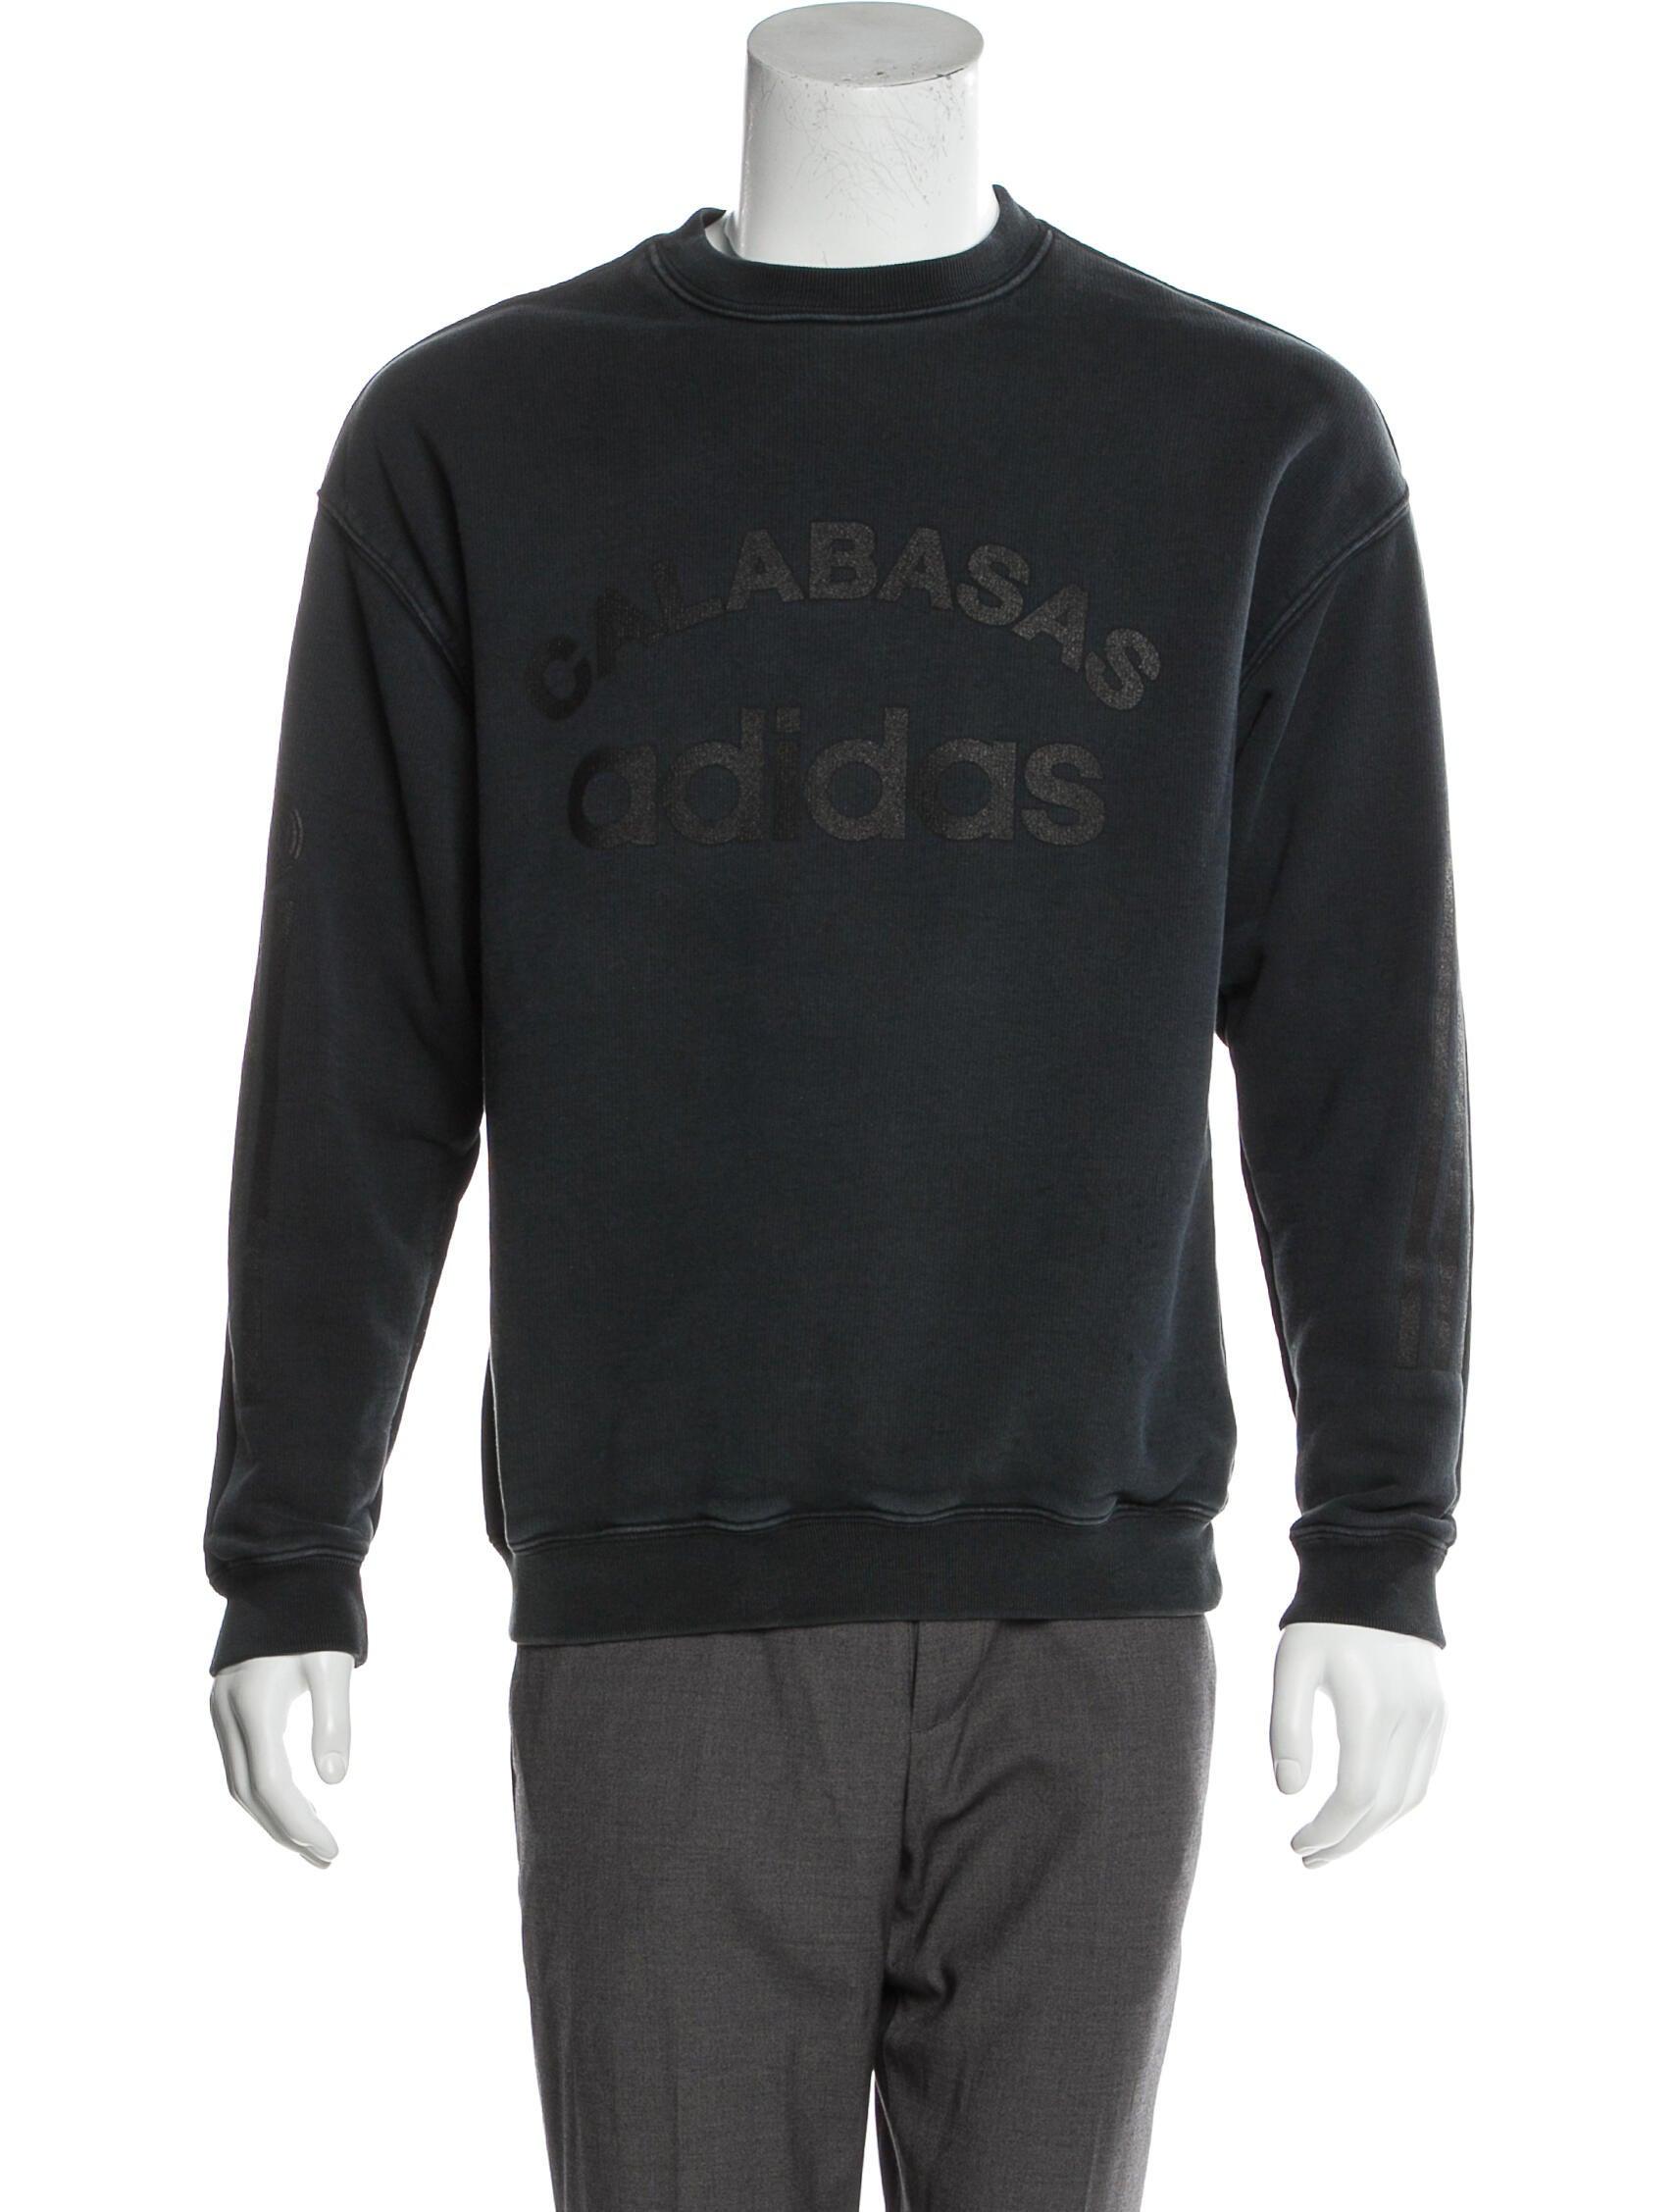 adidas yeezy calabasas sweatshirt